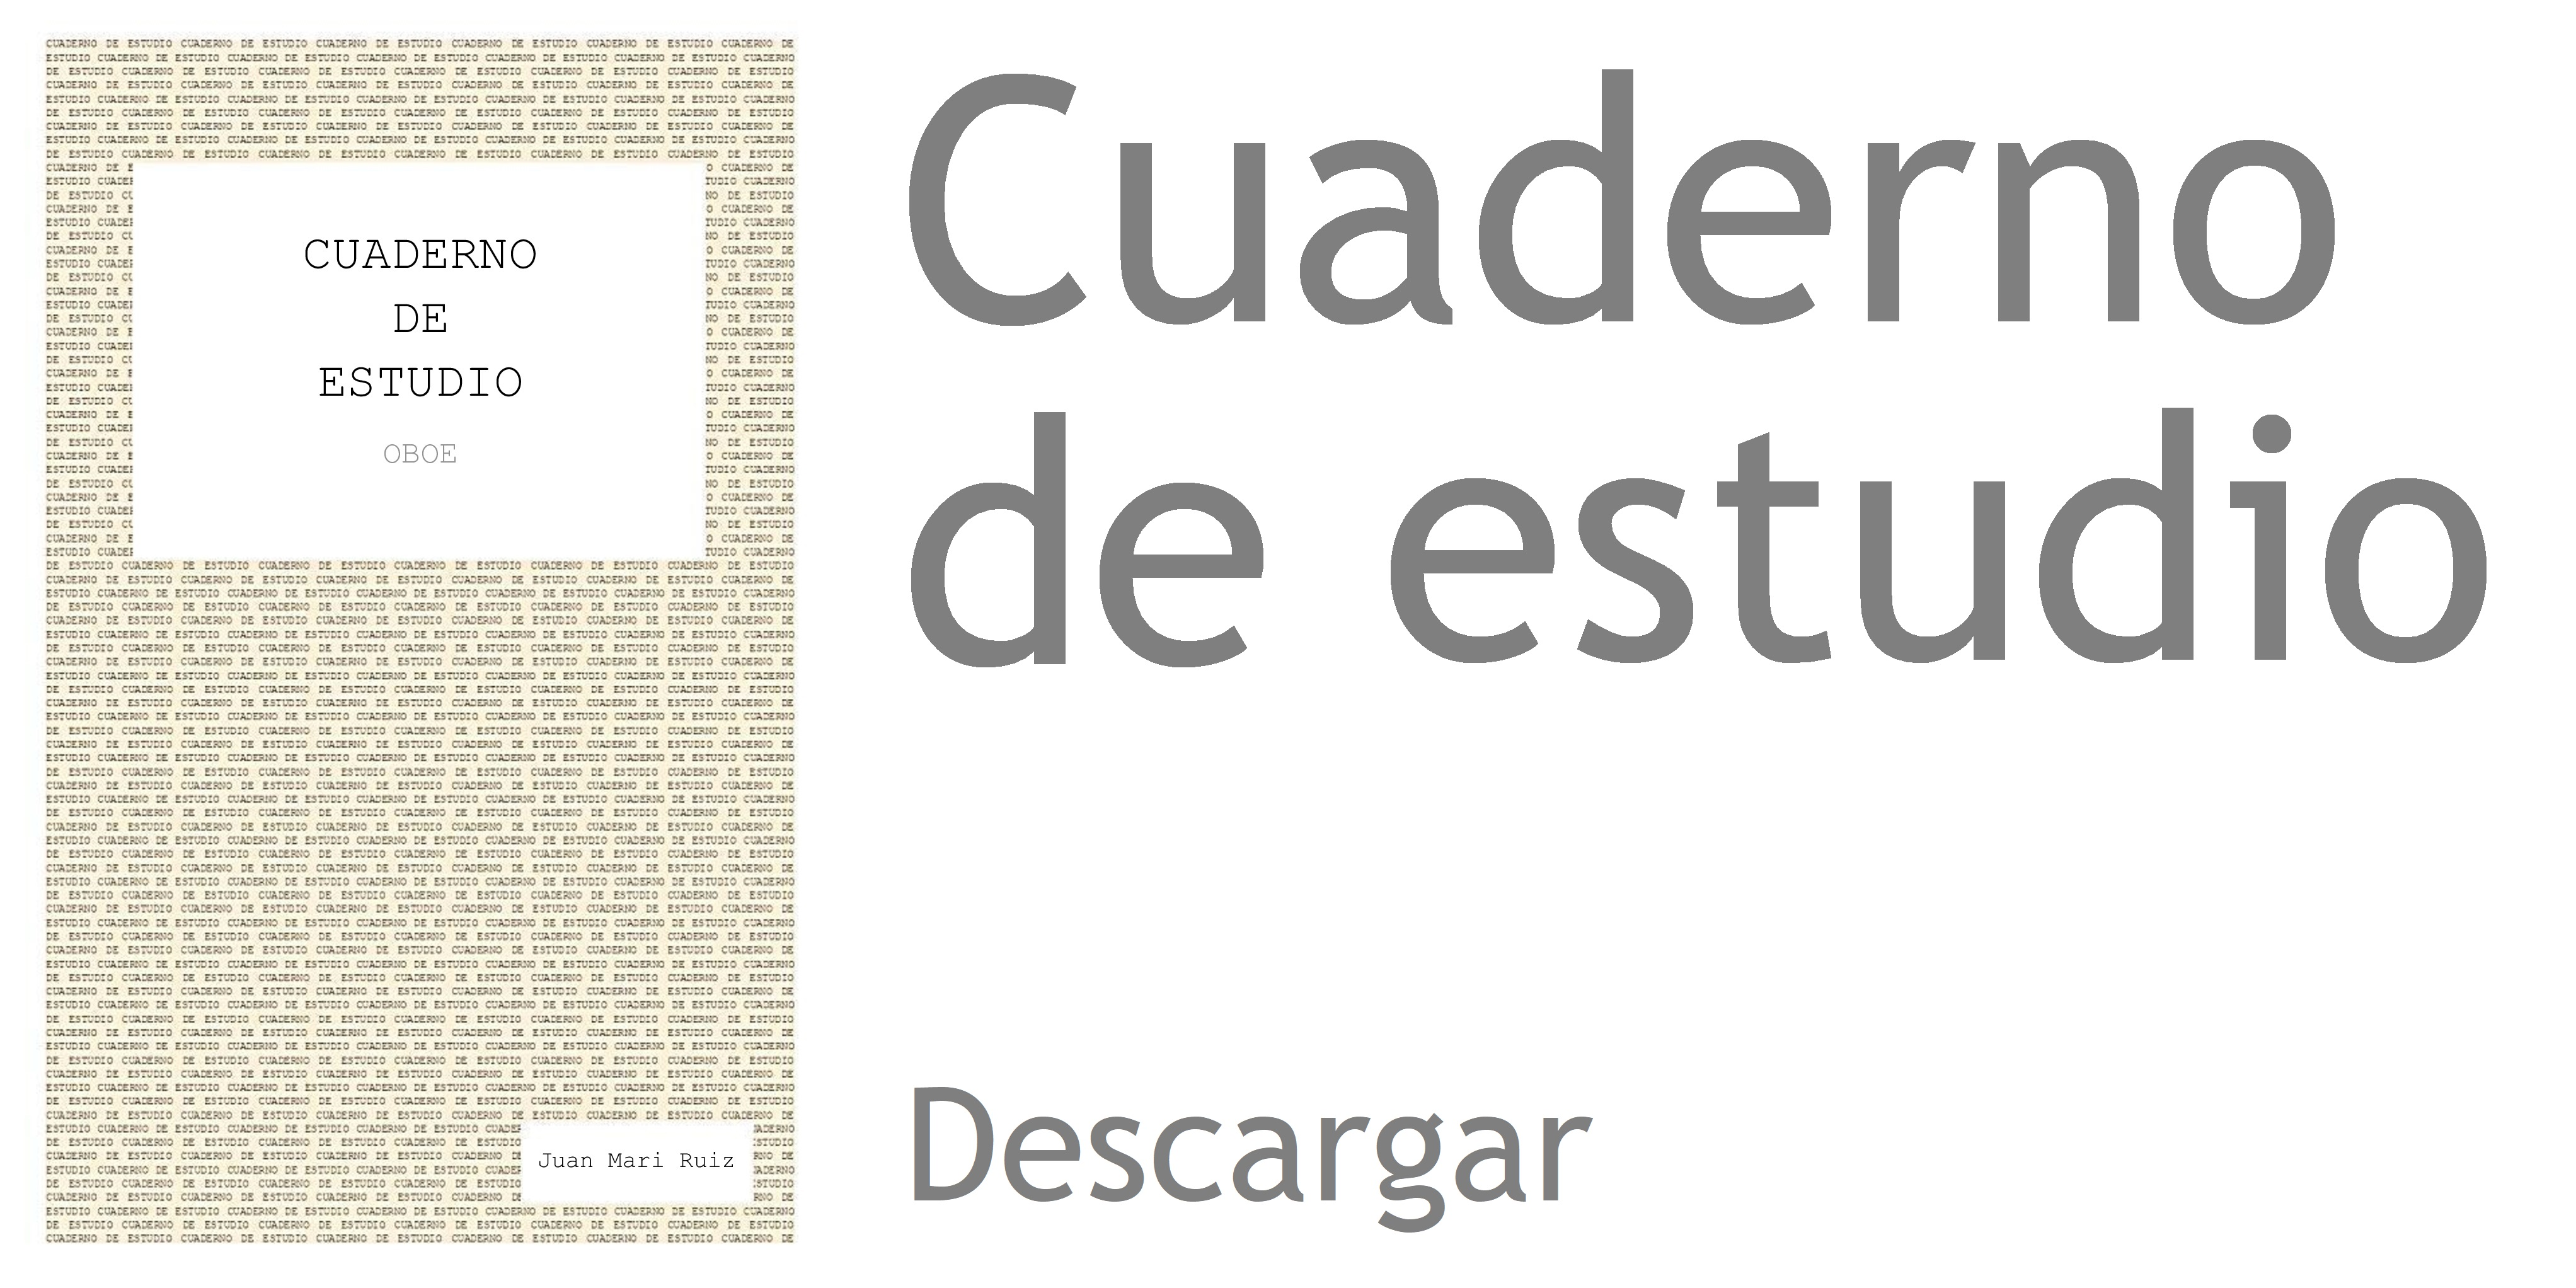 Publicaciones Juan Mari Ruiz Oboe Academy